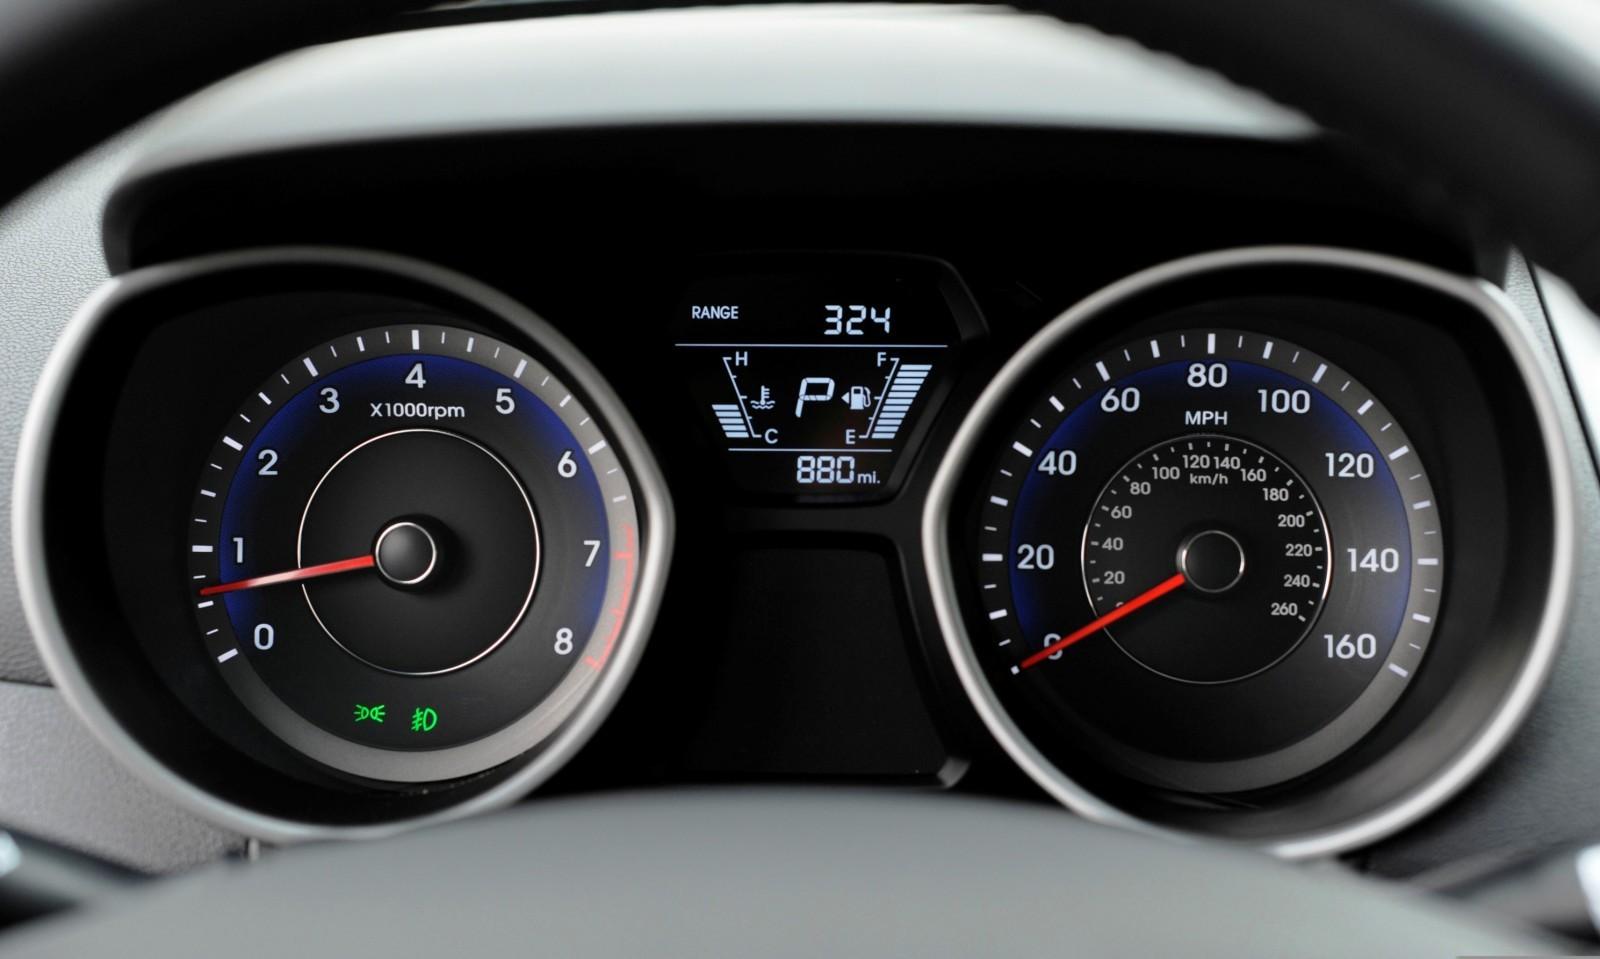 2015 Hyundai Elantra Sedan Brings Classy LED and Tech Updates  41